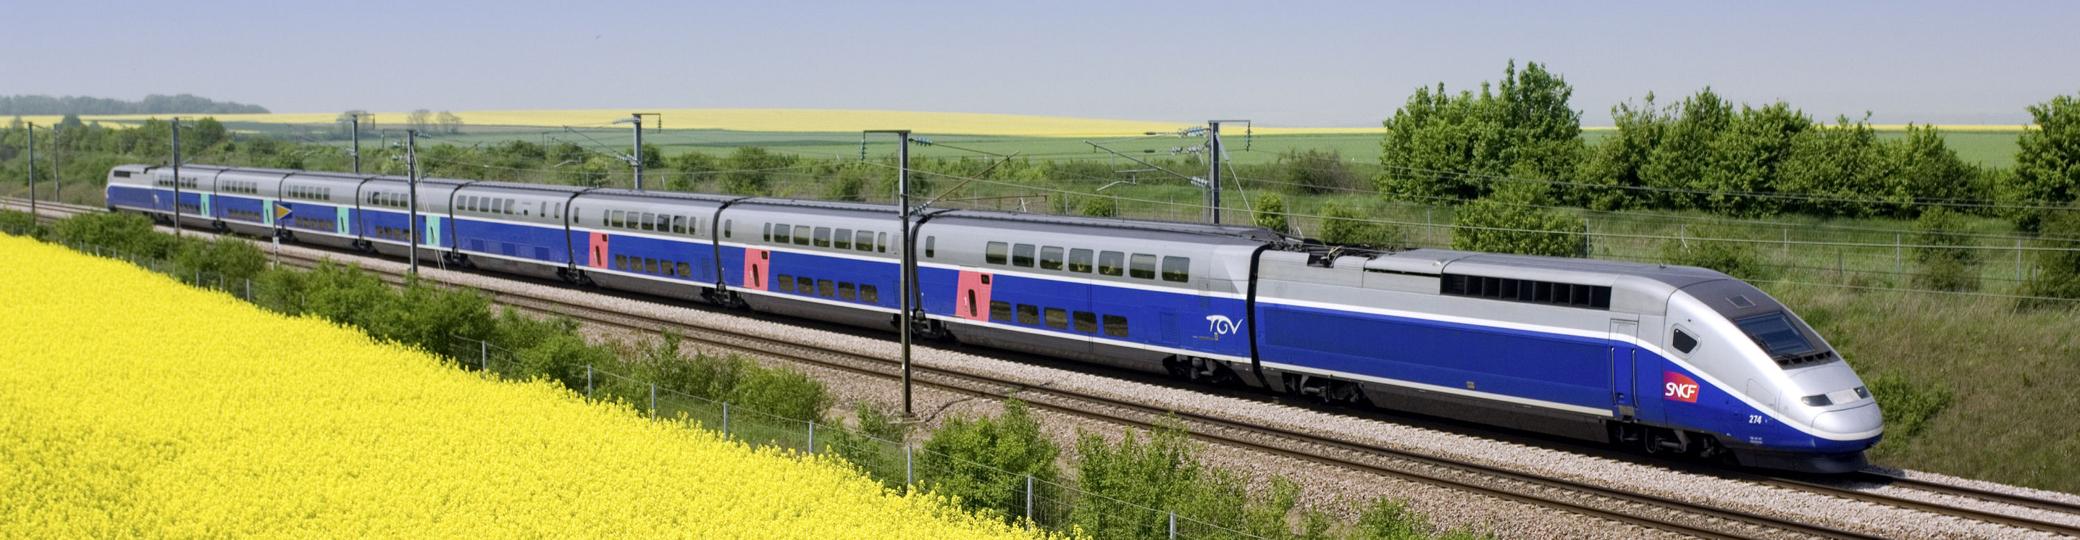 Trenes de alta velocidad de Europa